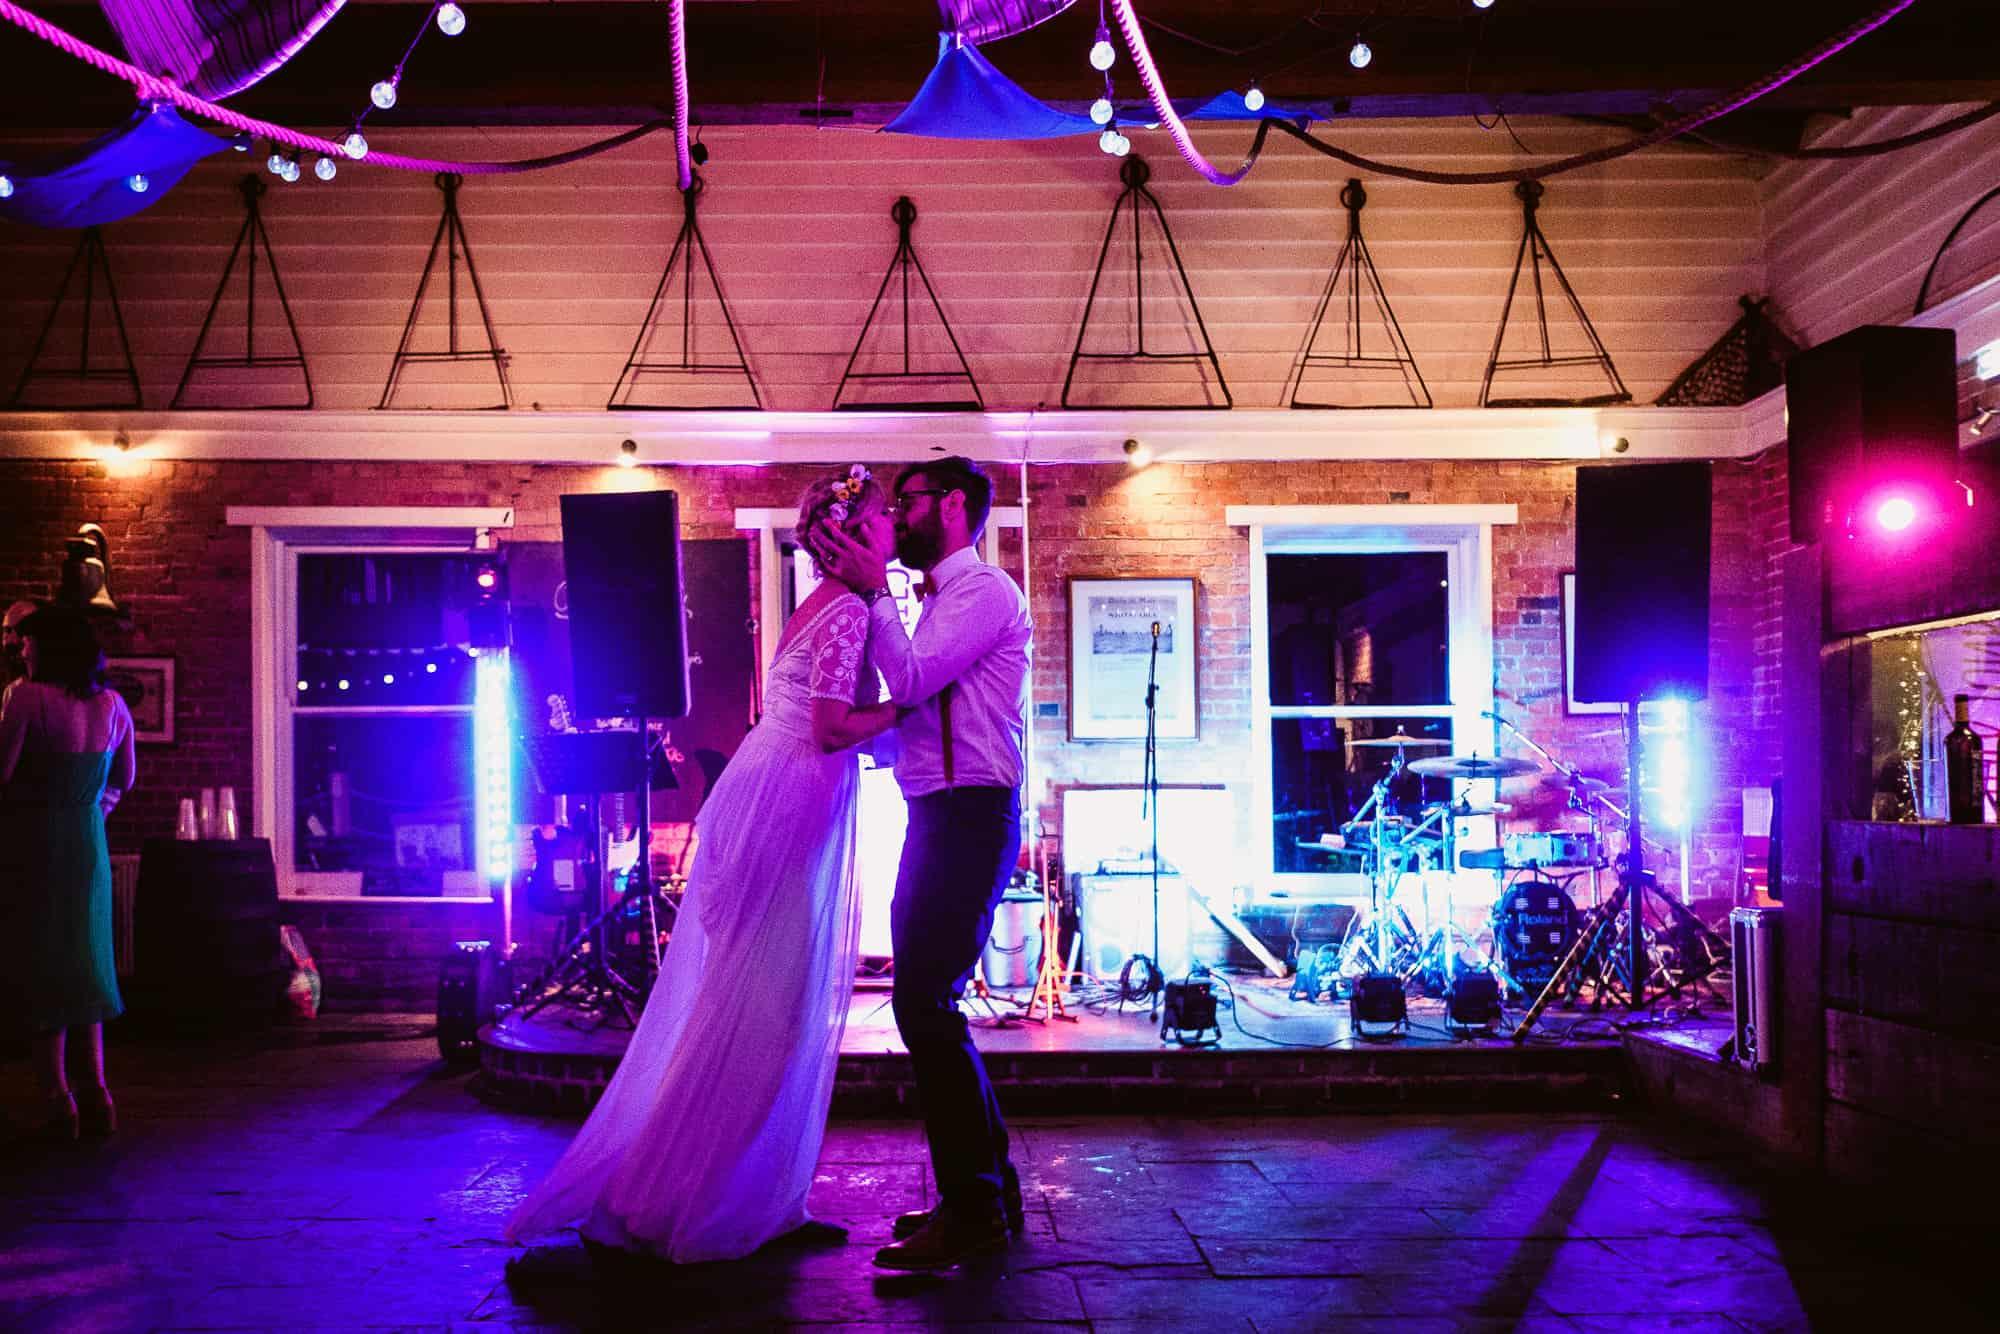 east-quay-wedding-photography-matt-tyler-0099